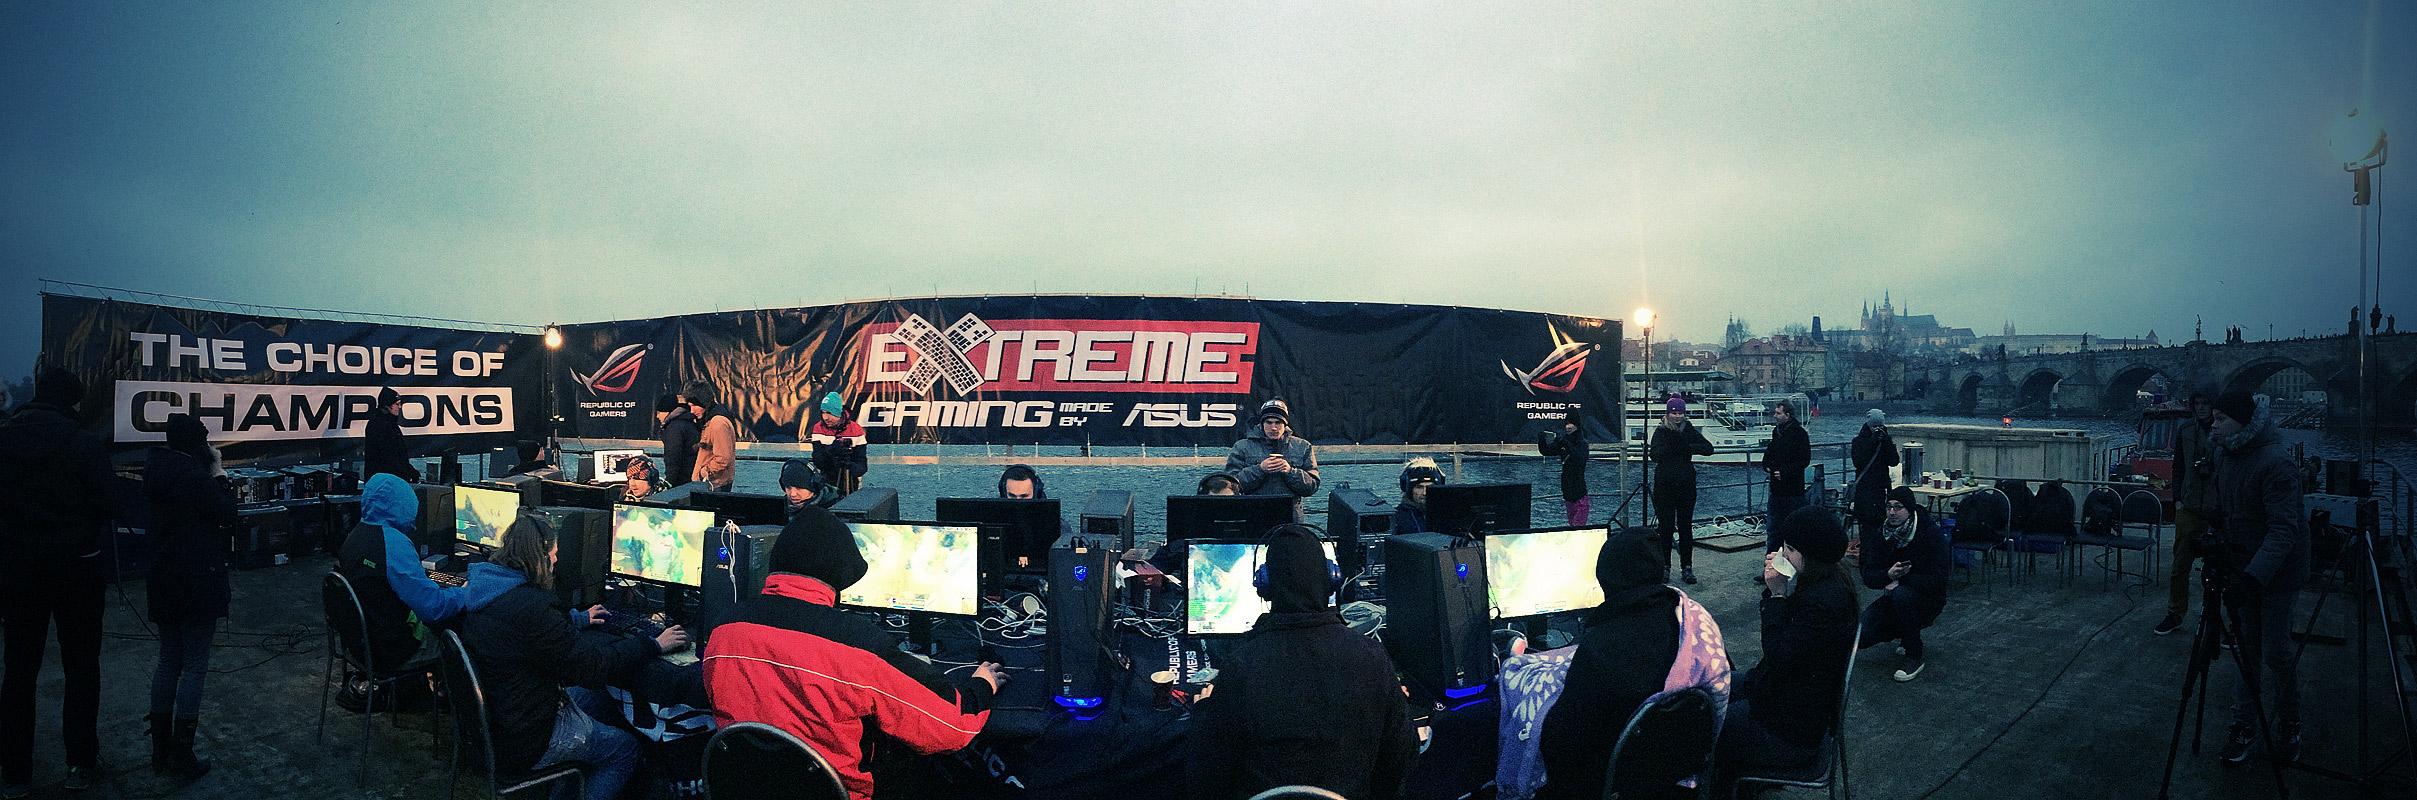 ASUS Extreme Gaming - extrémní turnaj PC hráčů uprostřed Vltavy 104760